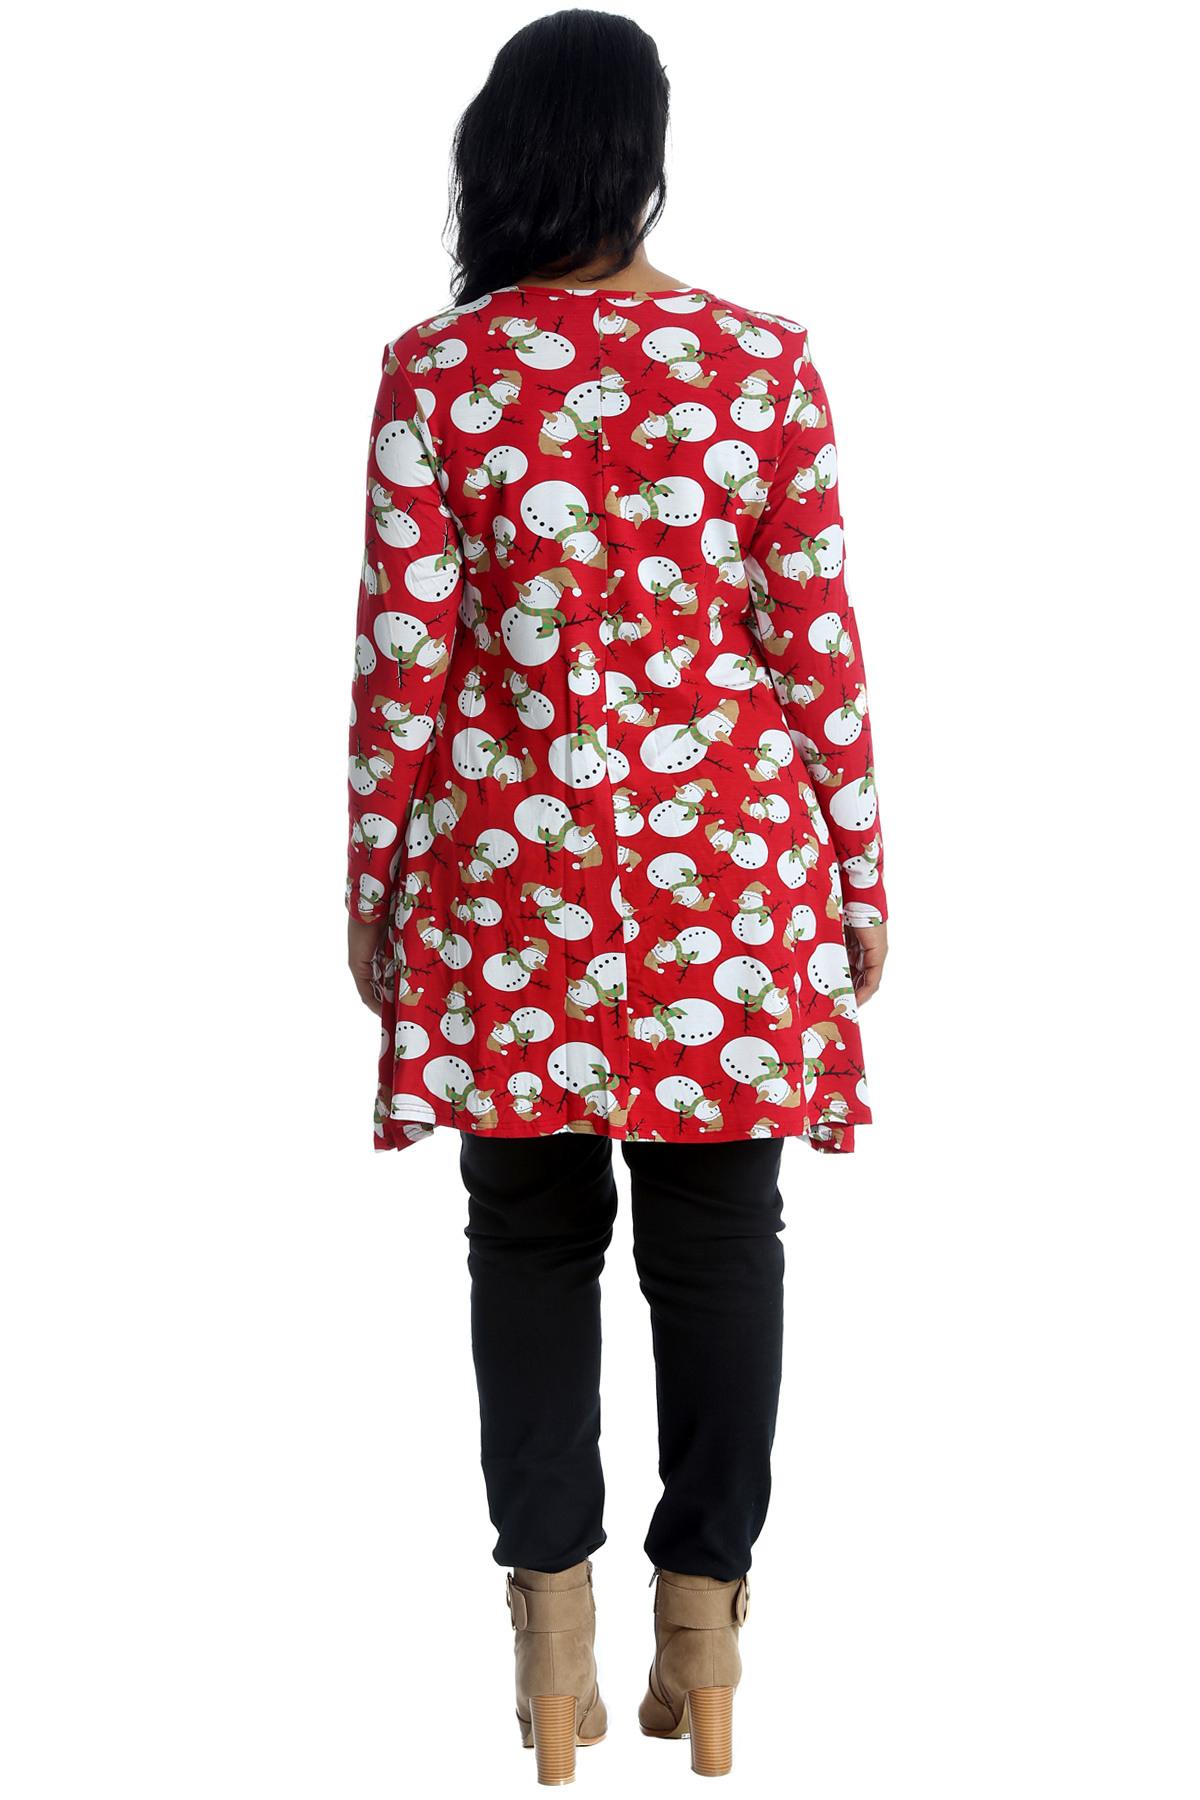 Damen Übergröße Hemd Damen Swing Stil Kleid Schneemann